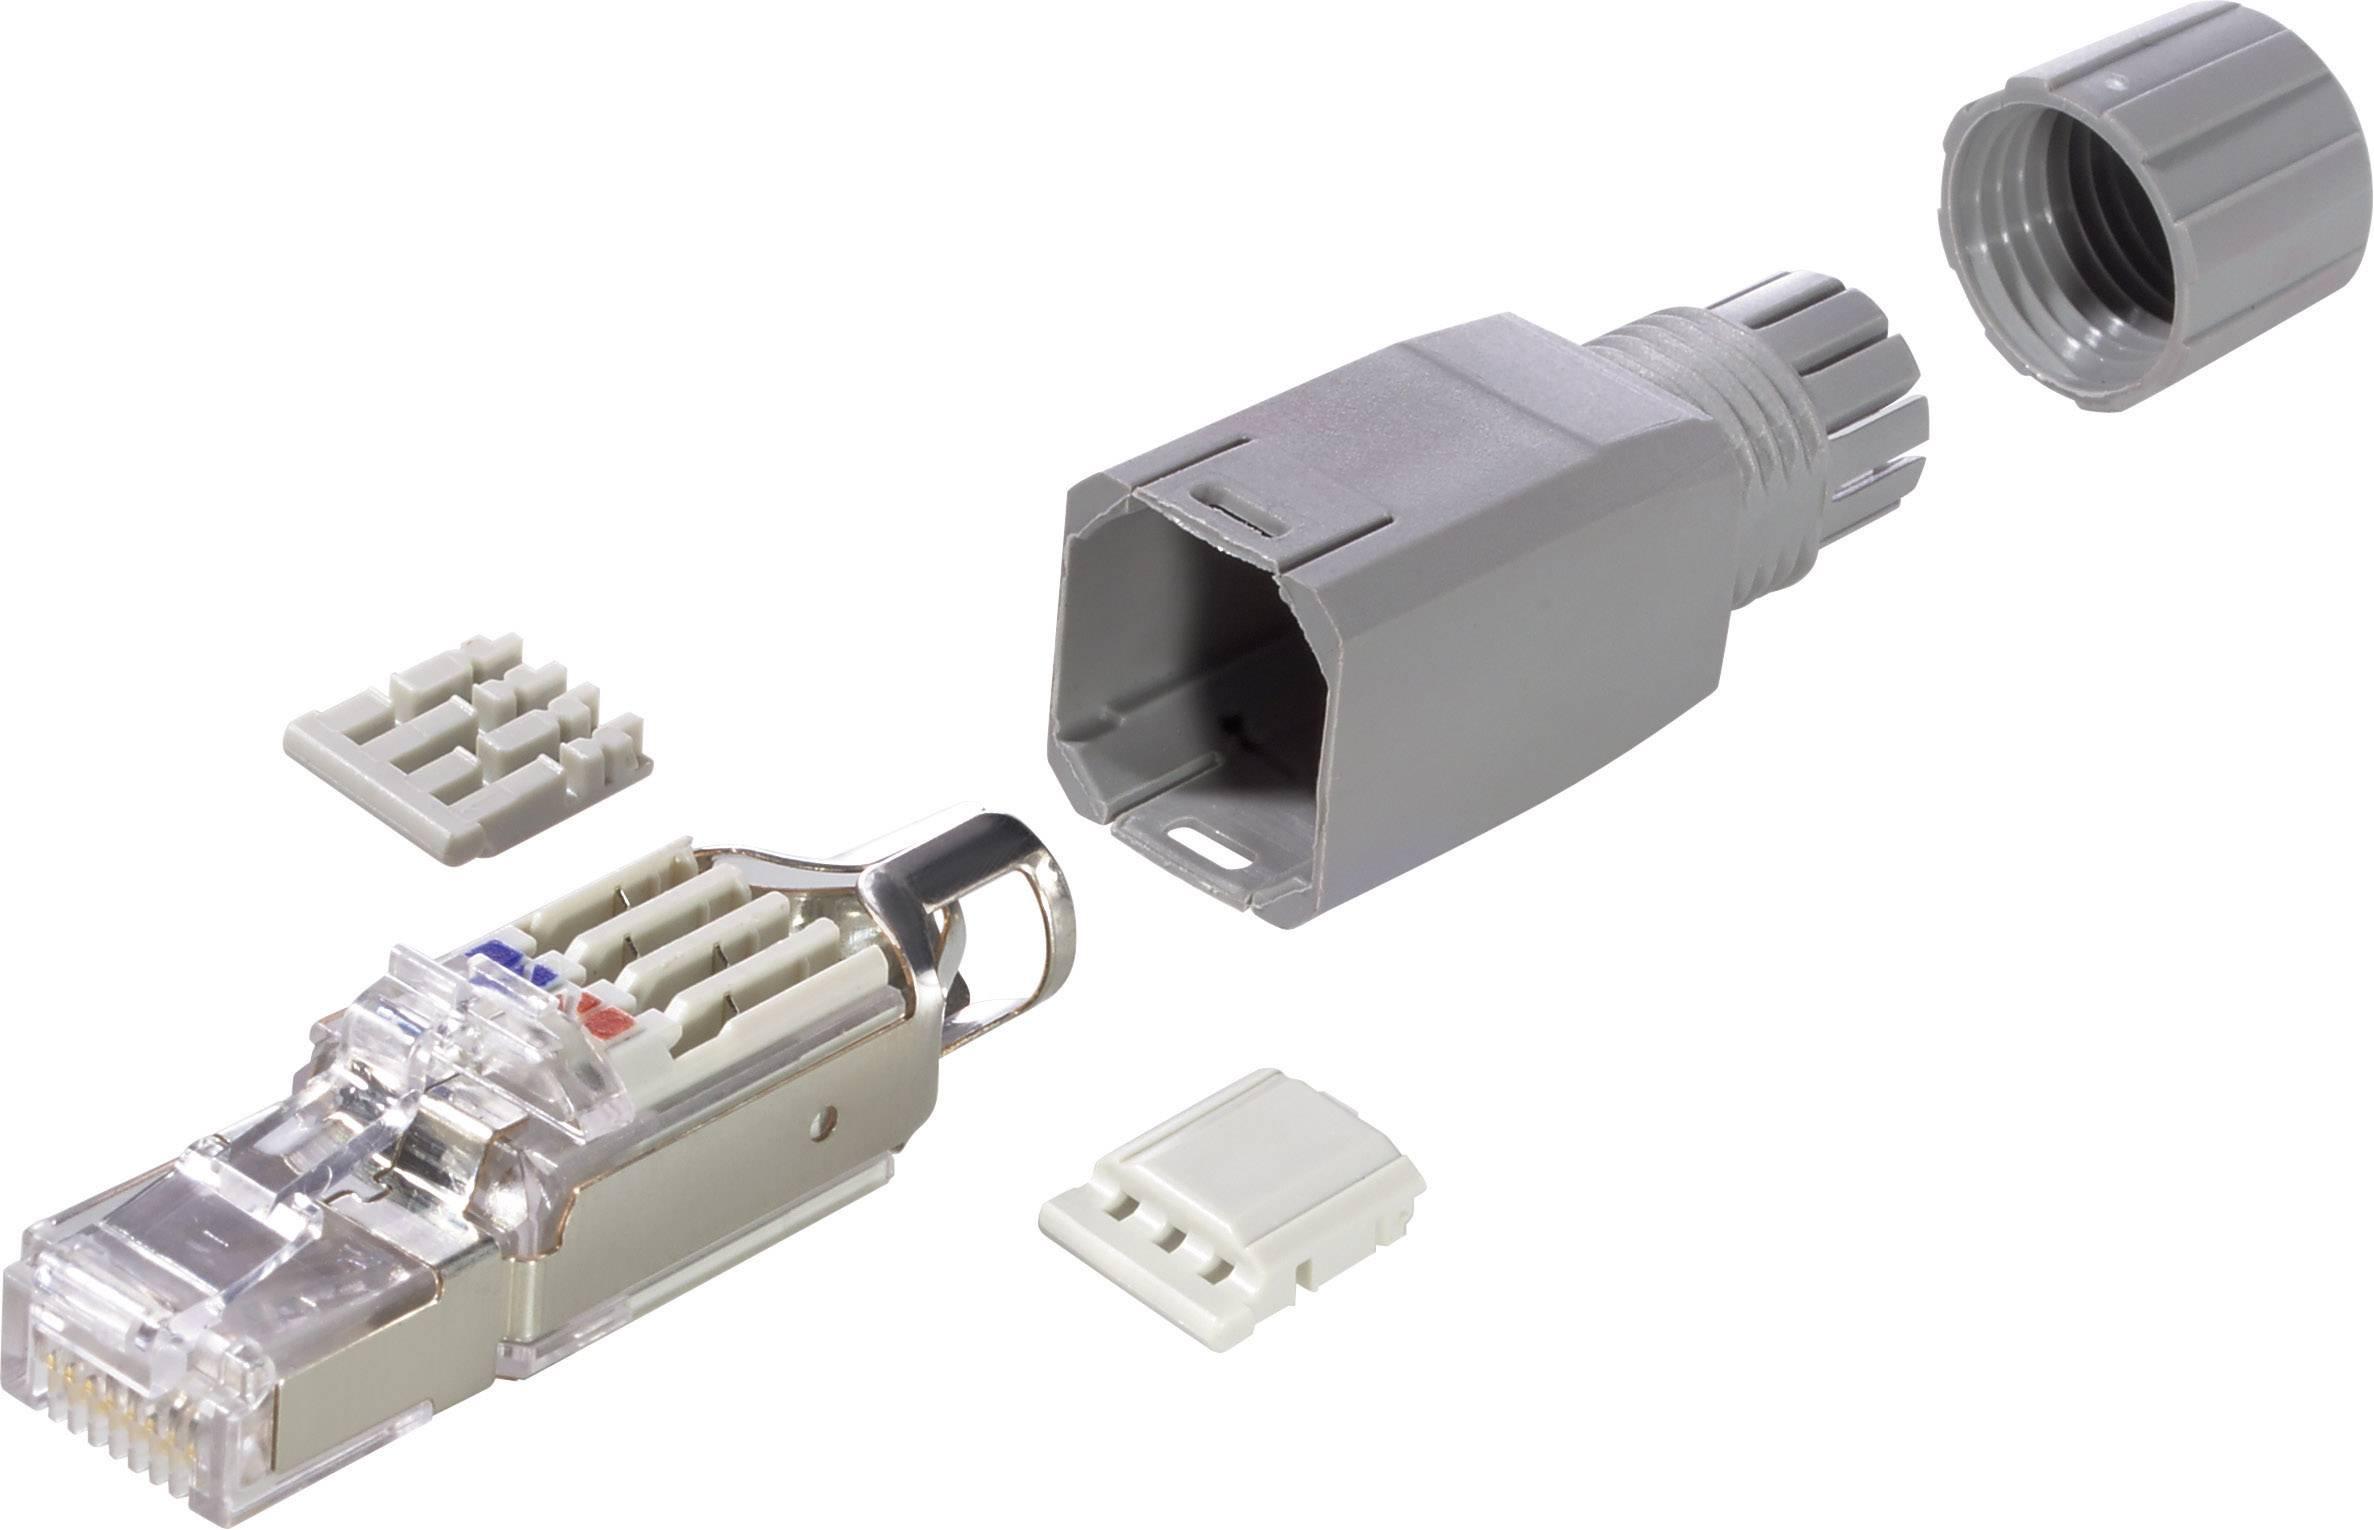 Konektor RJ45 LappKabel FM45 (21700540), IP20, zástrčka rovná, AWG 23-27